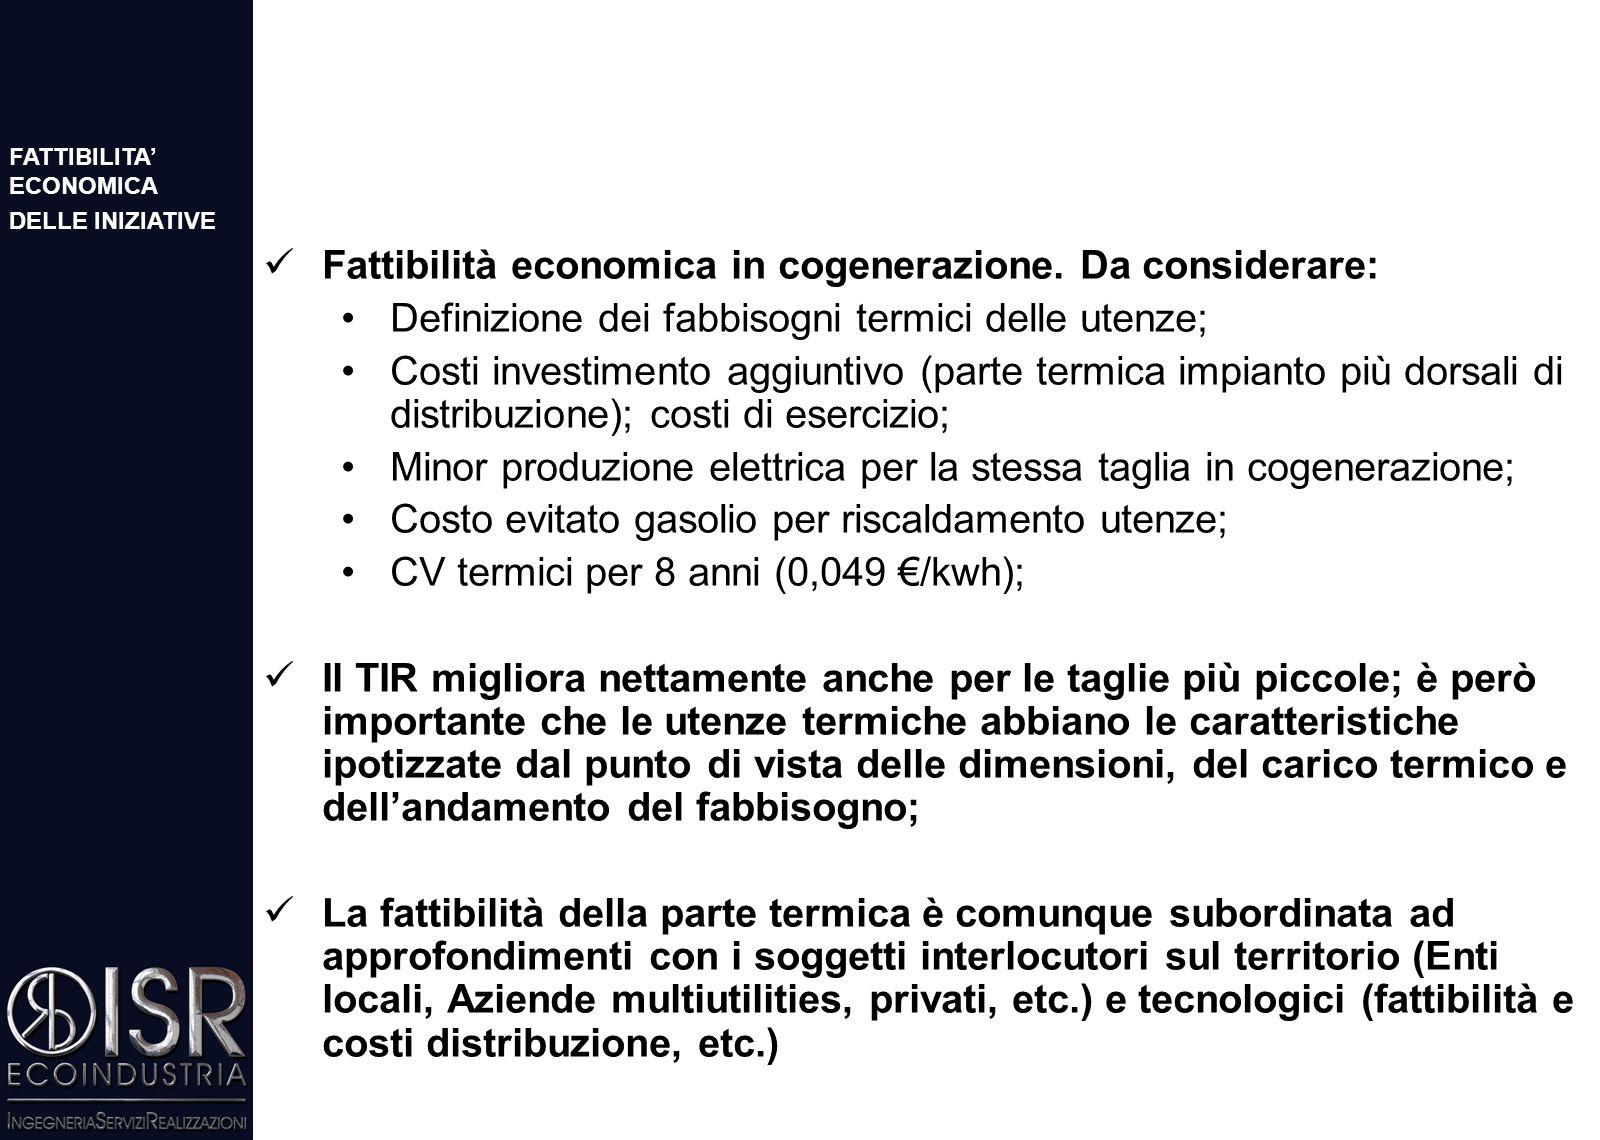 In genere il valore del combustibile condiziona in modo determinante gli indici finanziari; Si considera il valore di TIR (~20%) che rende il rischio accettabile; si verifica così la taglia ottimale dell'impianto (in genere la più grande).